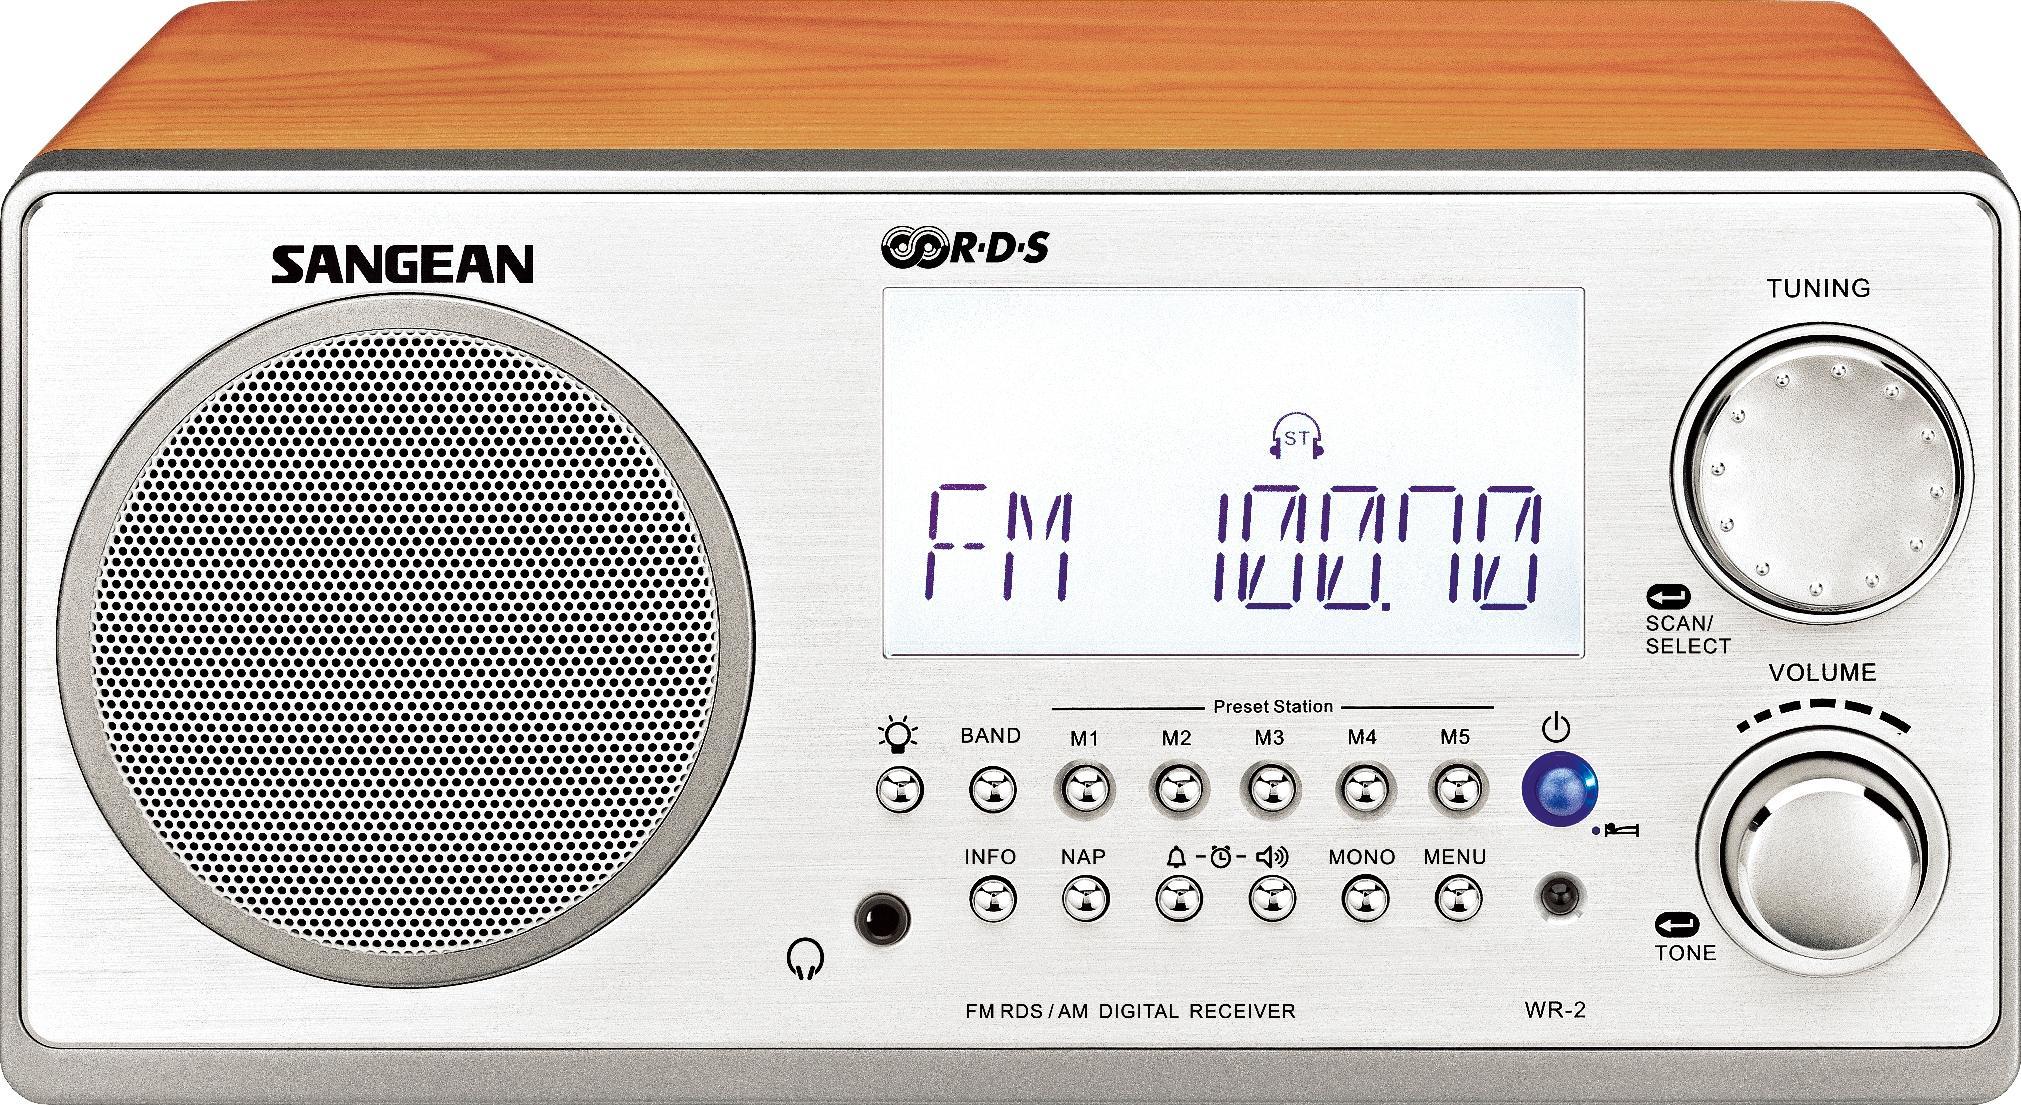 WR 2 FM RBDS AM Wooden Cabinet Digital Tuning Radio